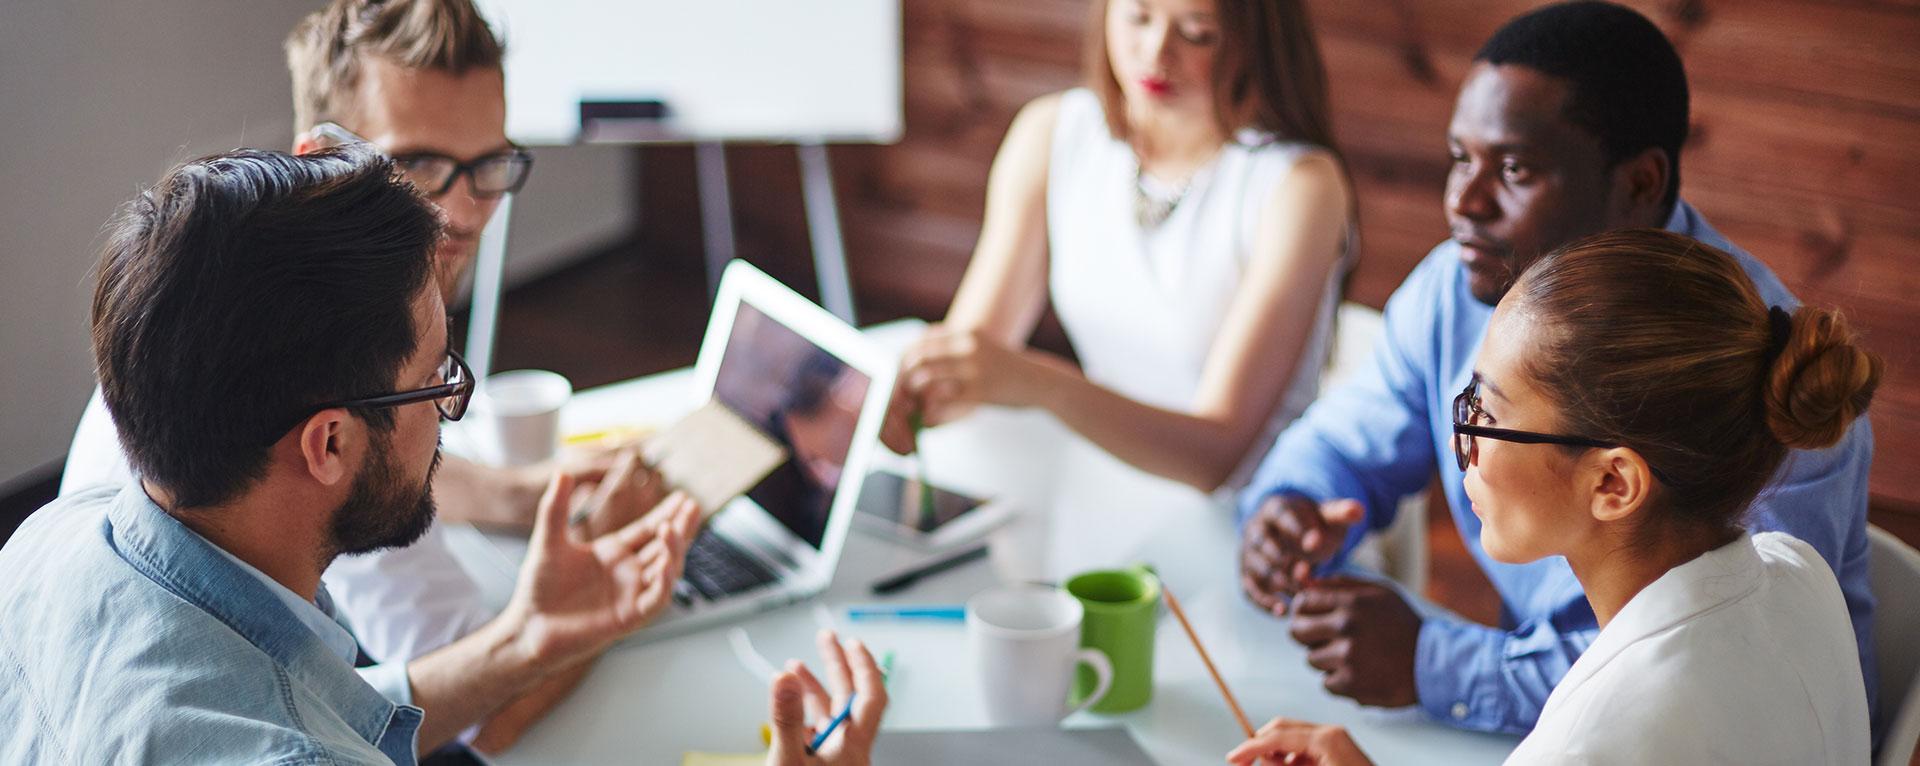 Cross-Platform Branding And Teamwork